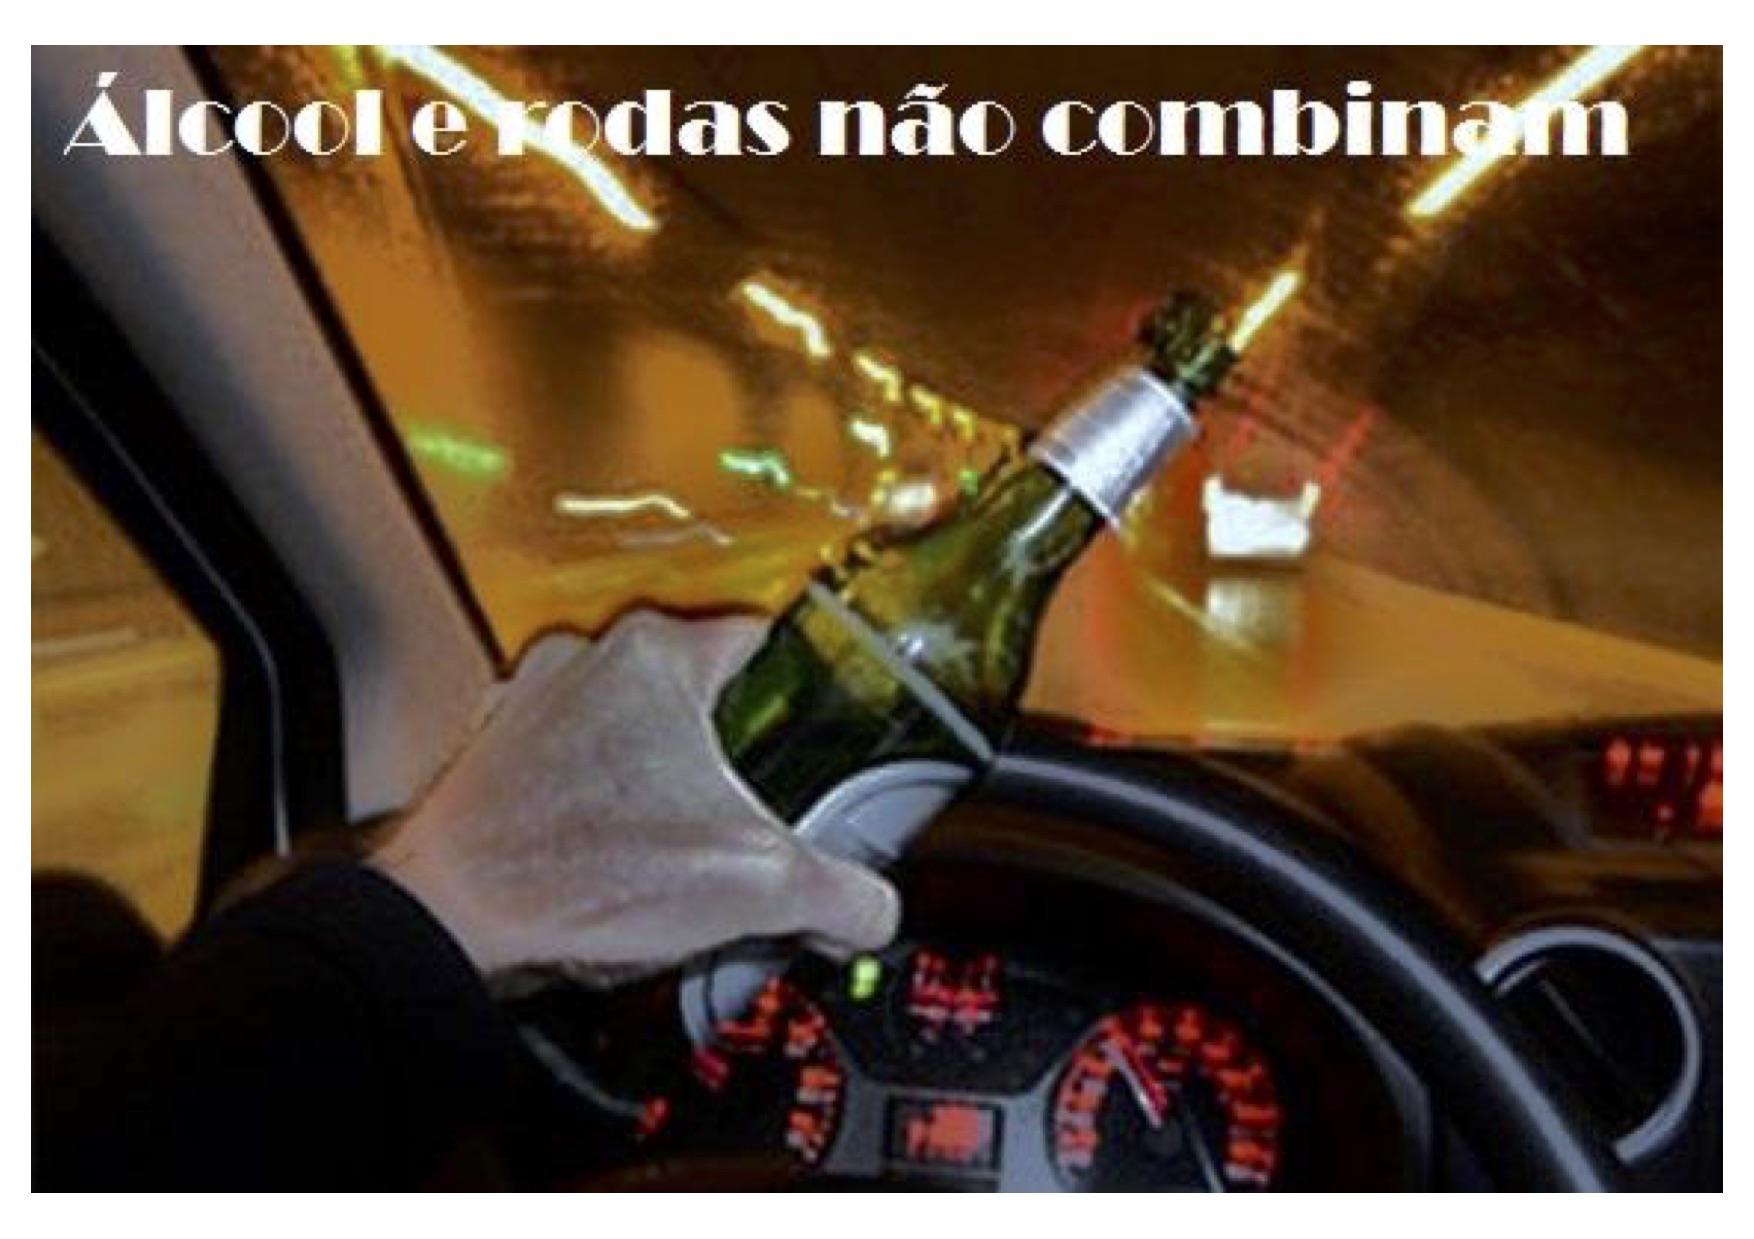 Os Duros condução-sobre-efeito-do-alcool_eduardo_joão-duro